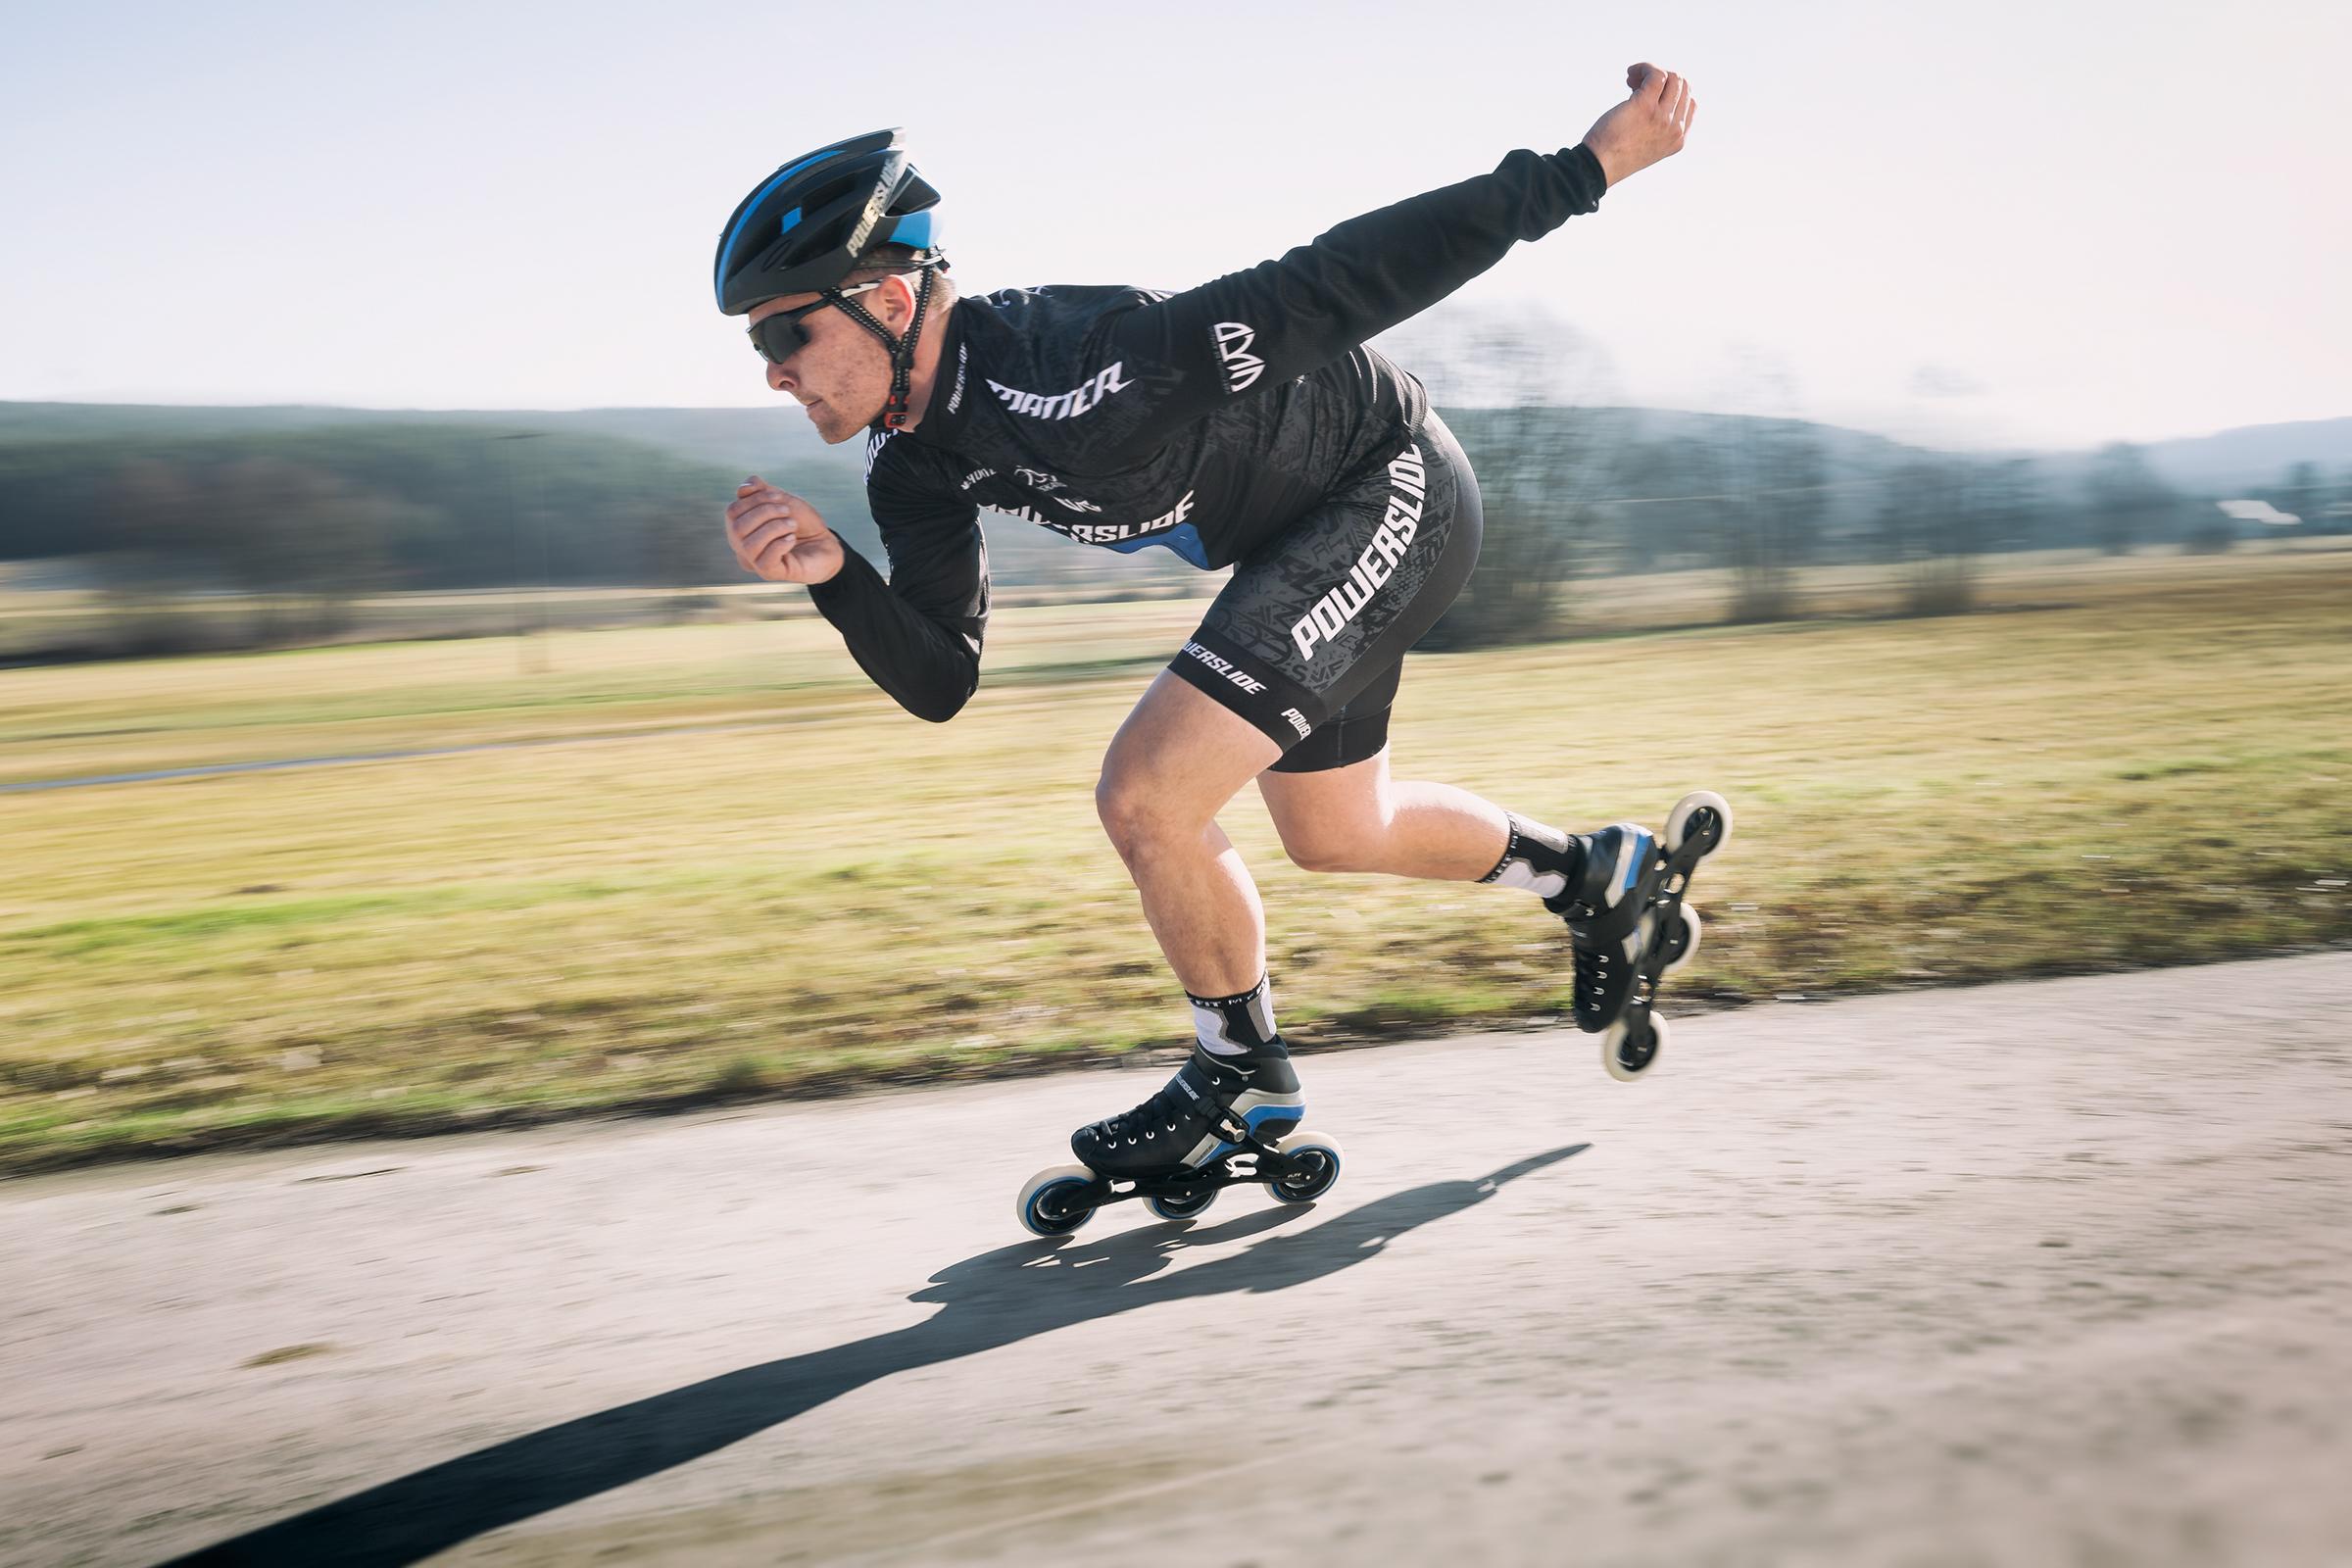 Powerslide - Powerskating